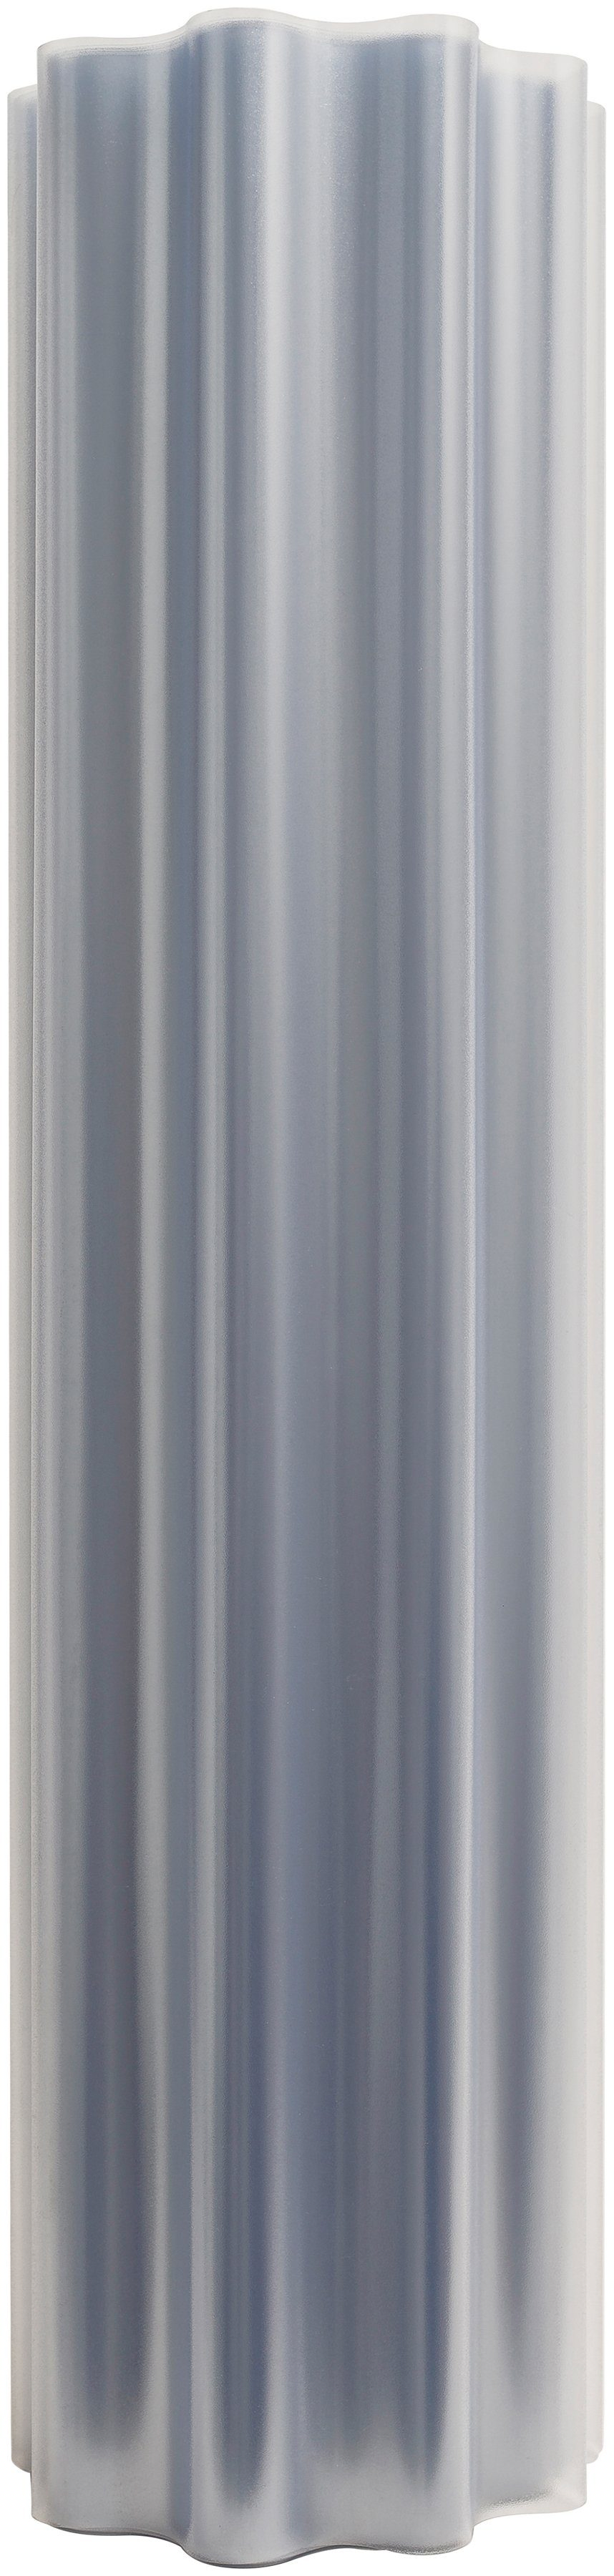 Wellplatte »Rolle HRM sinus «, mattiert, 10 m²